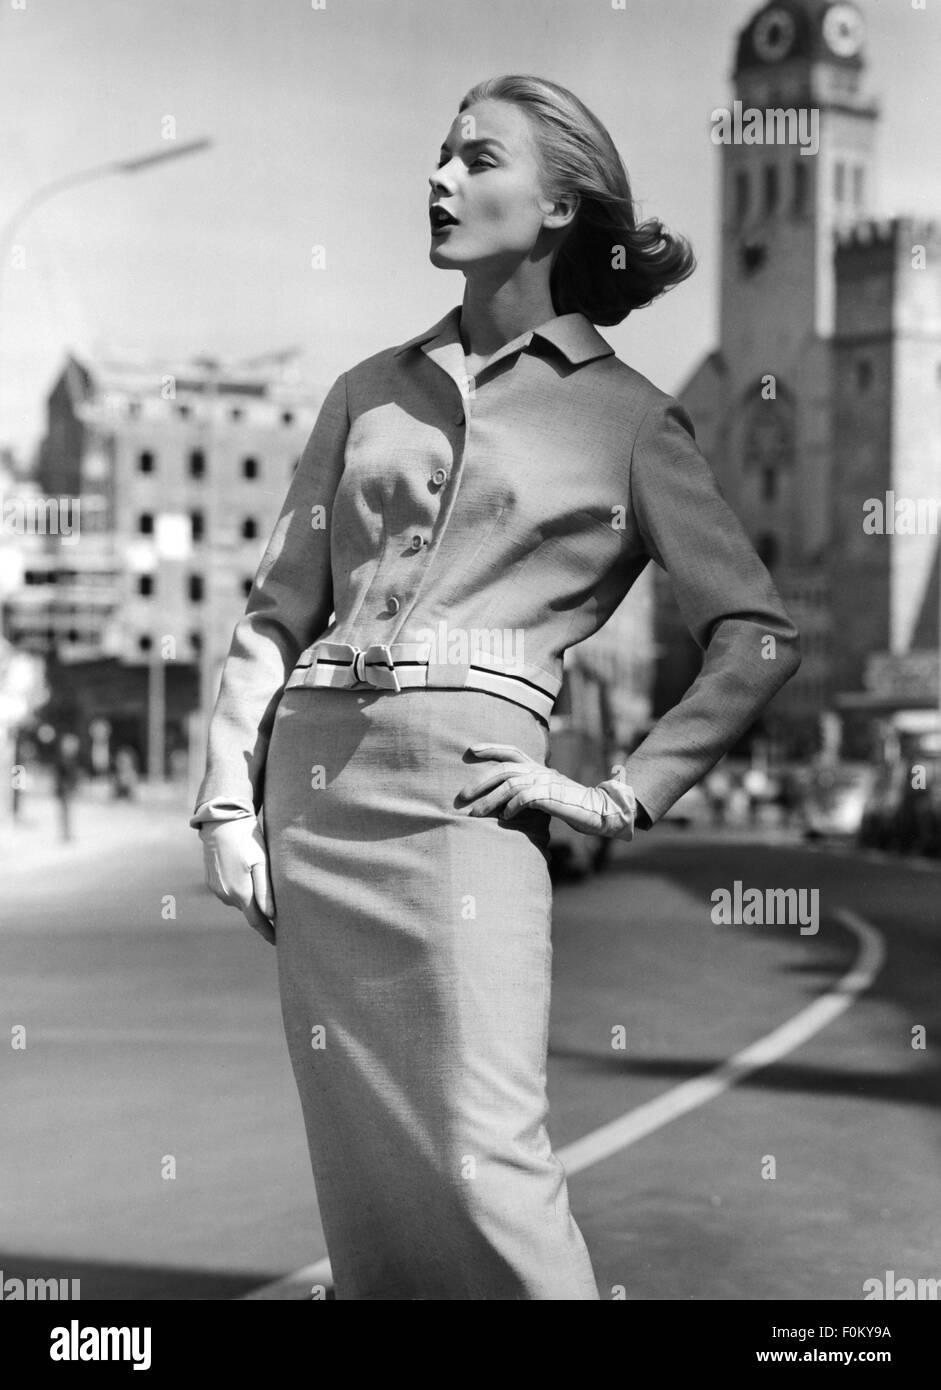 50s Fashion Hairstyle Stockfotos & 50s Fashion Hairstyle